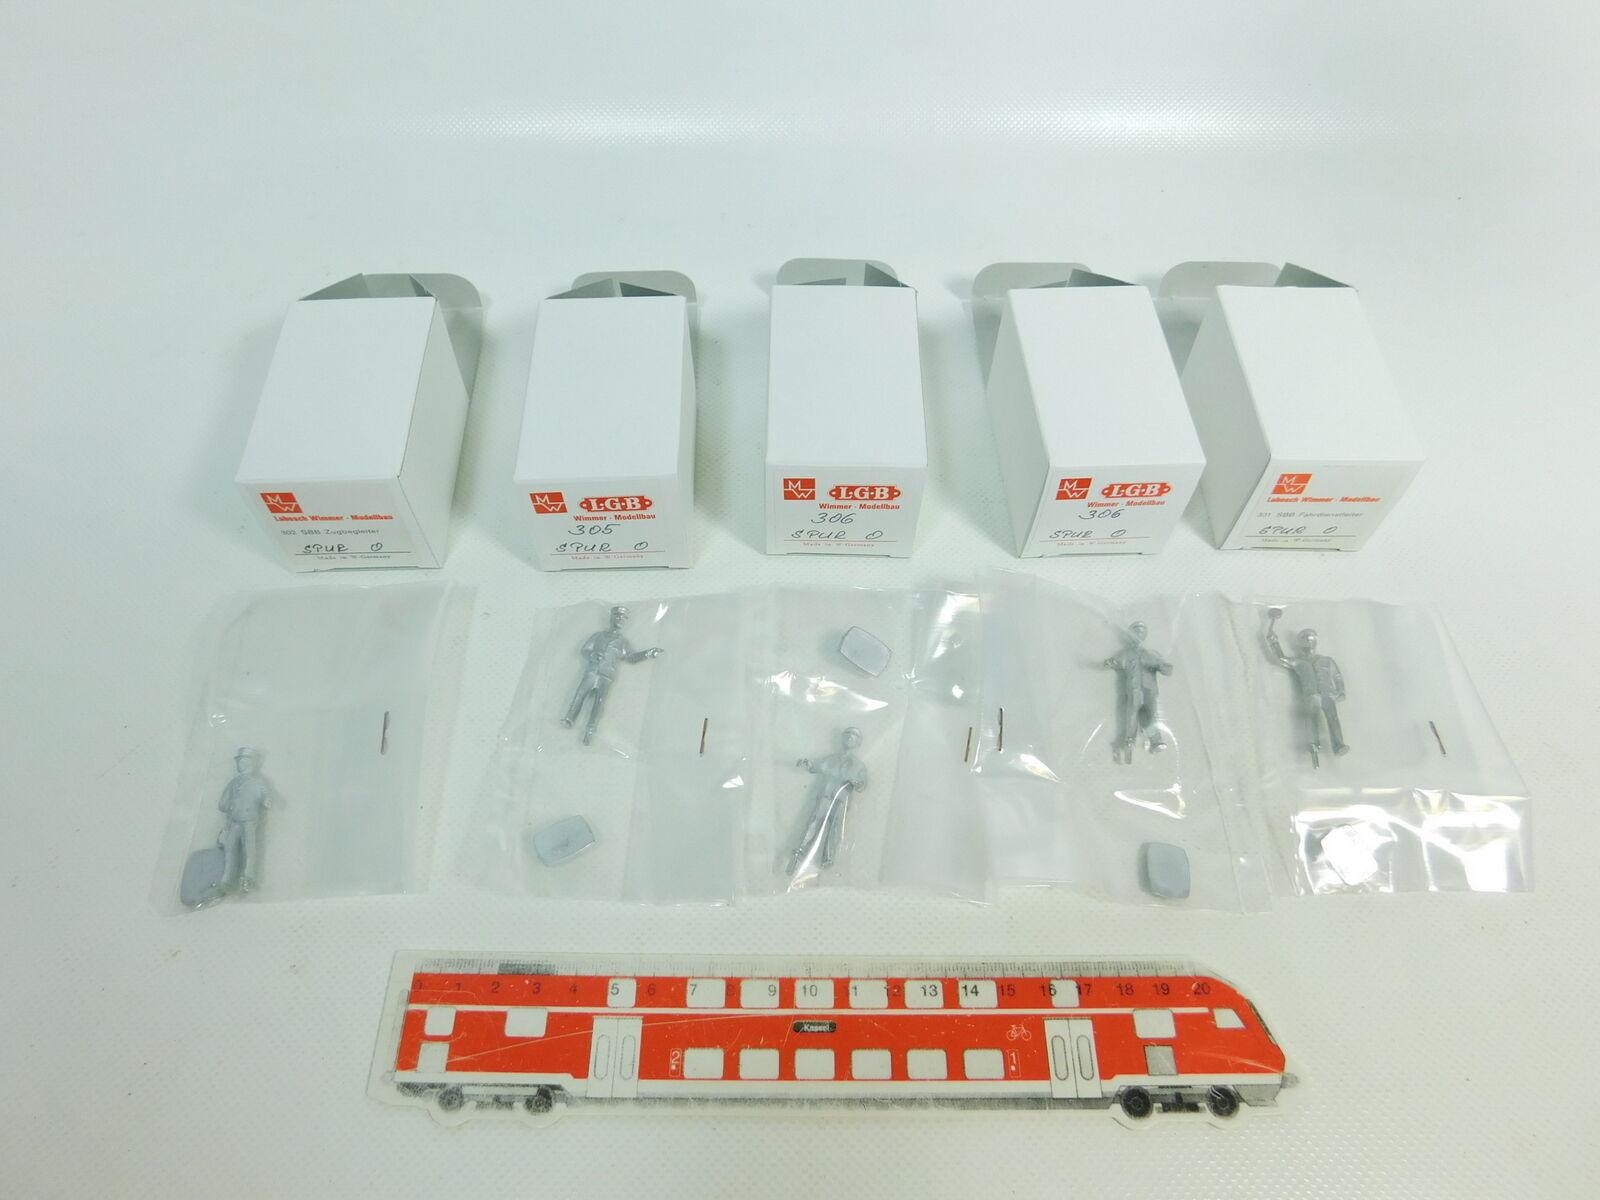 Br273-0, 5 x lubosch wimmer scale 0 sbb-Figur (tin)  301+302+305+306